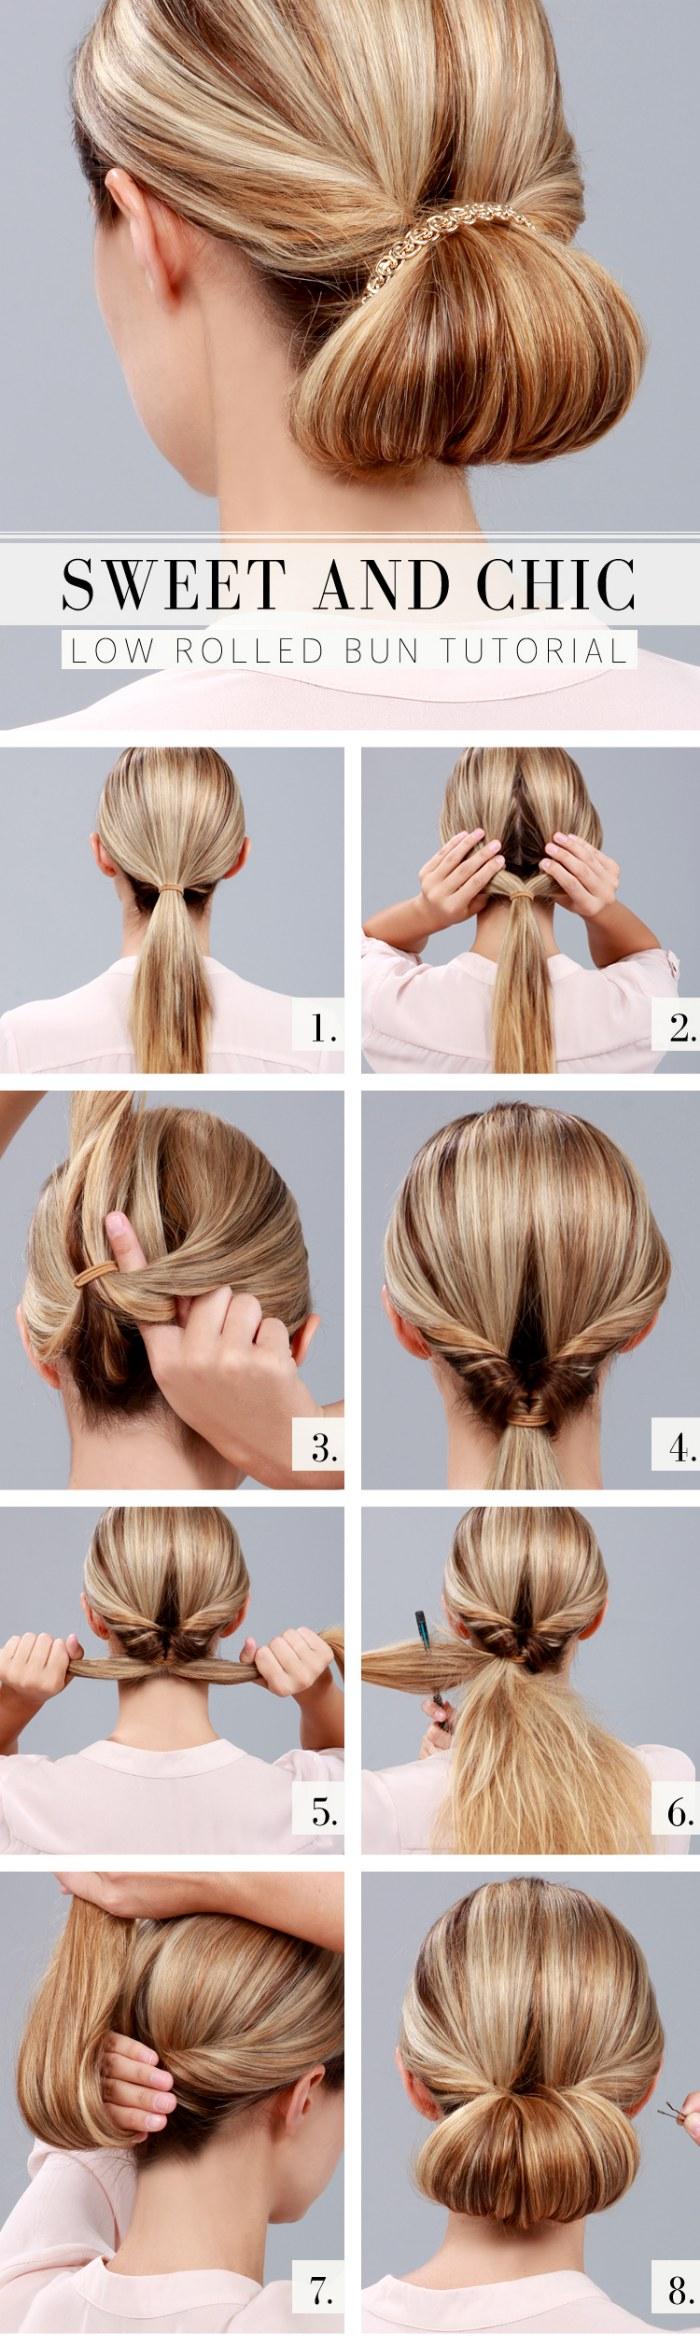 10 tutoriales paso a paso de peinados f ciles y r pidos - Peinados faciles y rapidos paso a paso ...